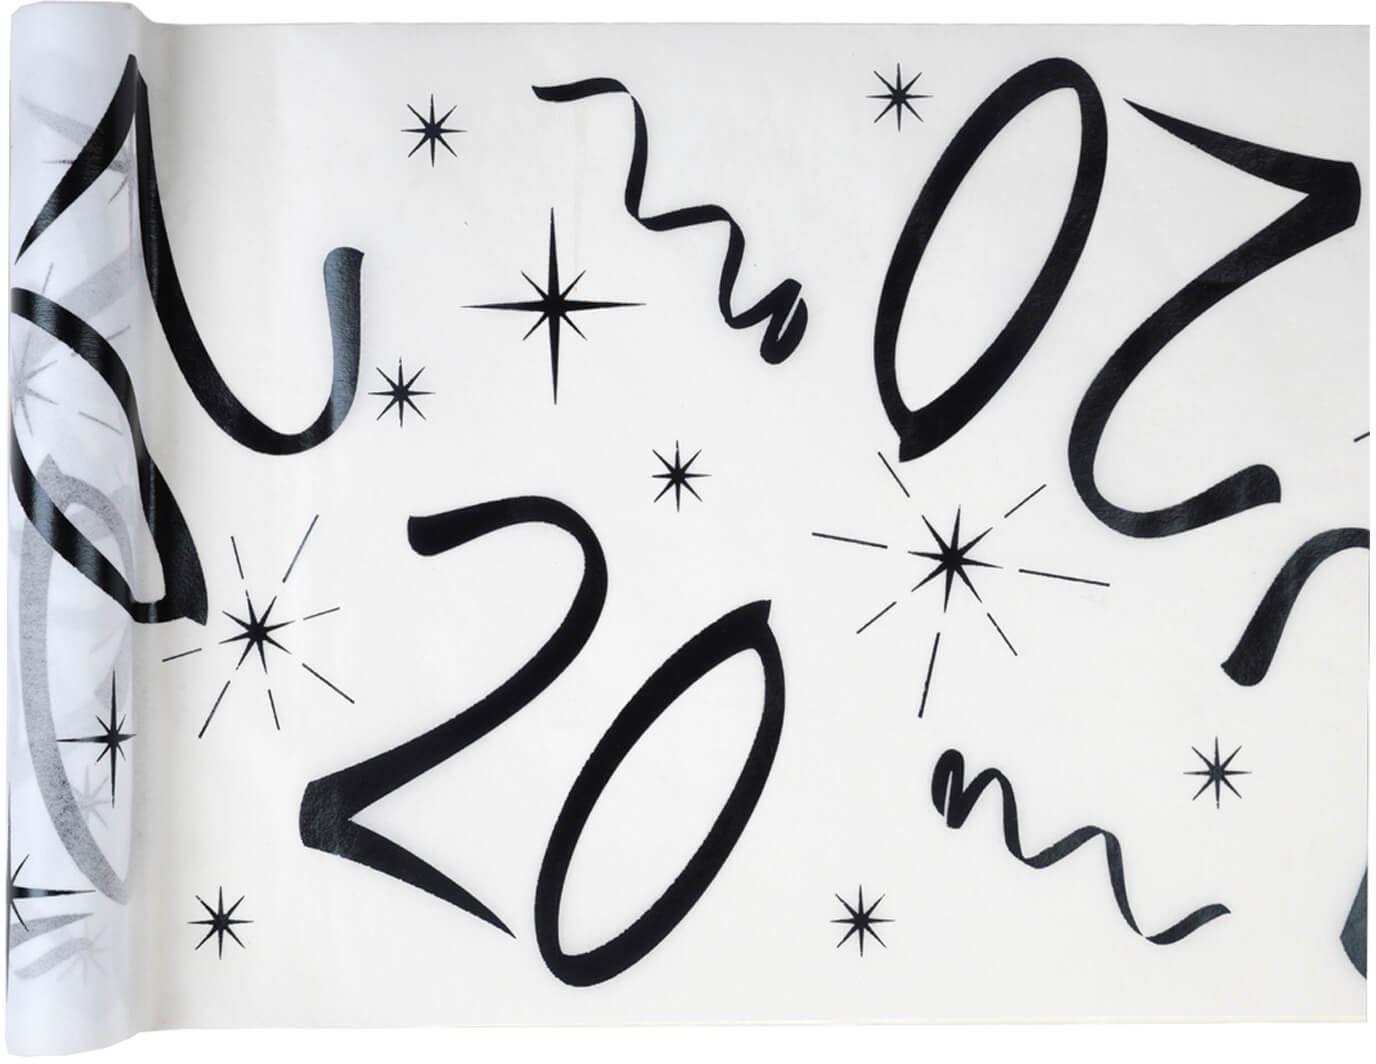 Dekoracja bieżnik na stół z nadrukiem na 20 urodziny - 5 m - 1 szt.